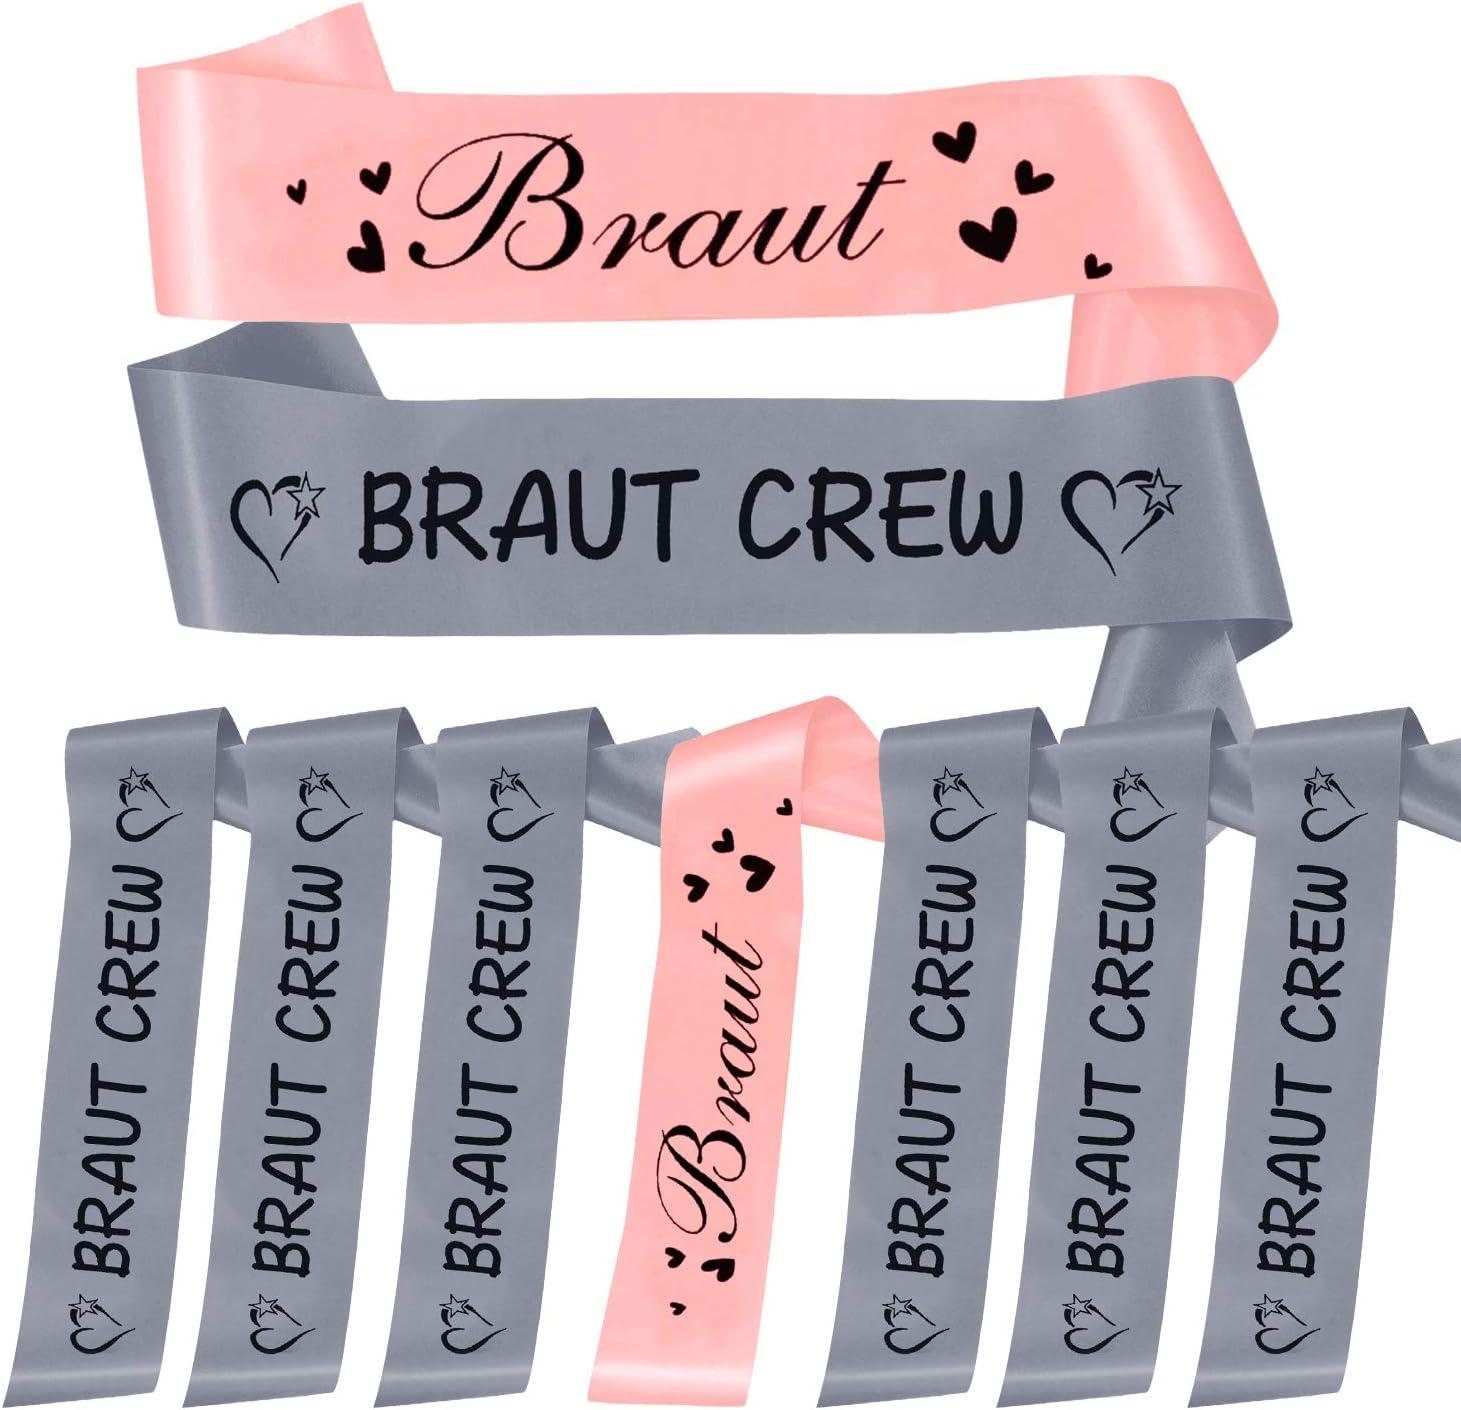 Oblique-Unique Sch/ärpe Braut Security Hochzeit Geburtstag 18 w/ählbar Braut Crew - Grau Flieder